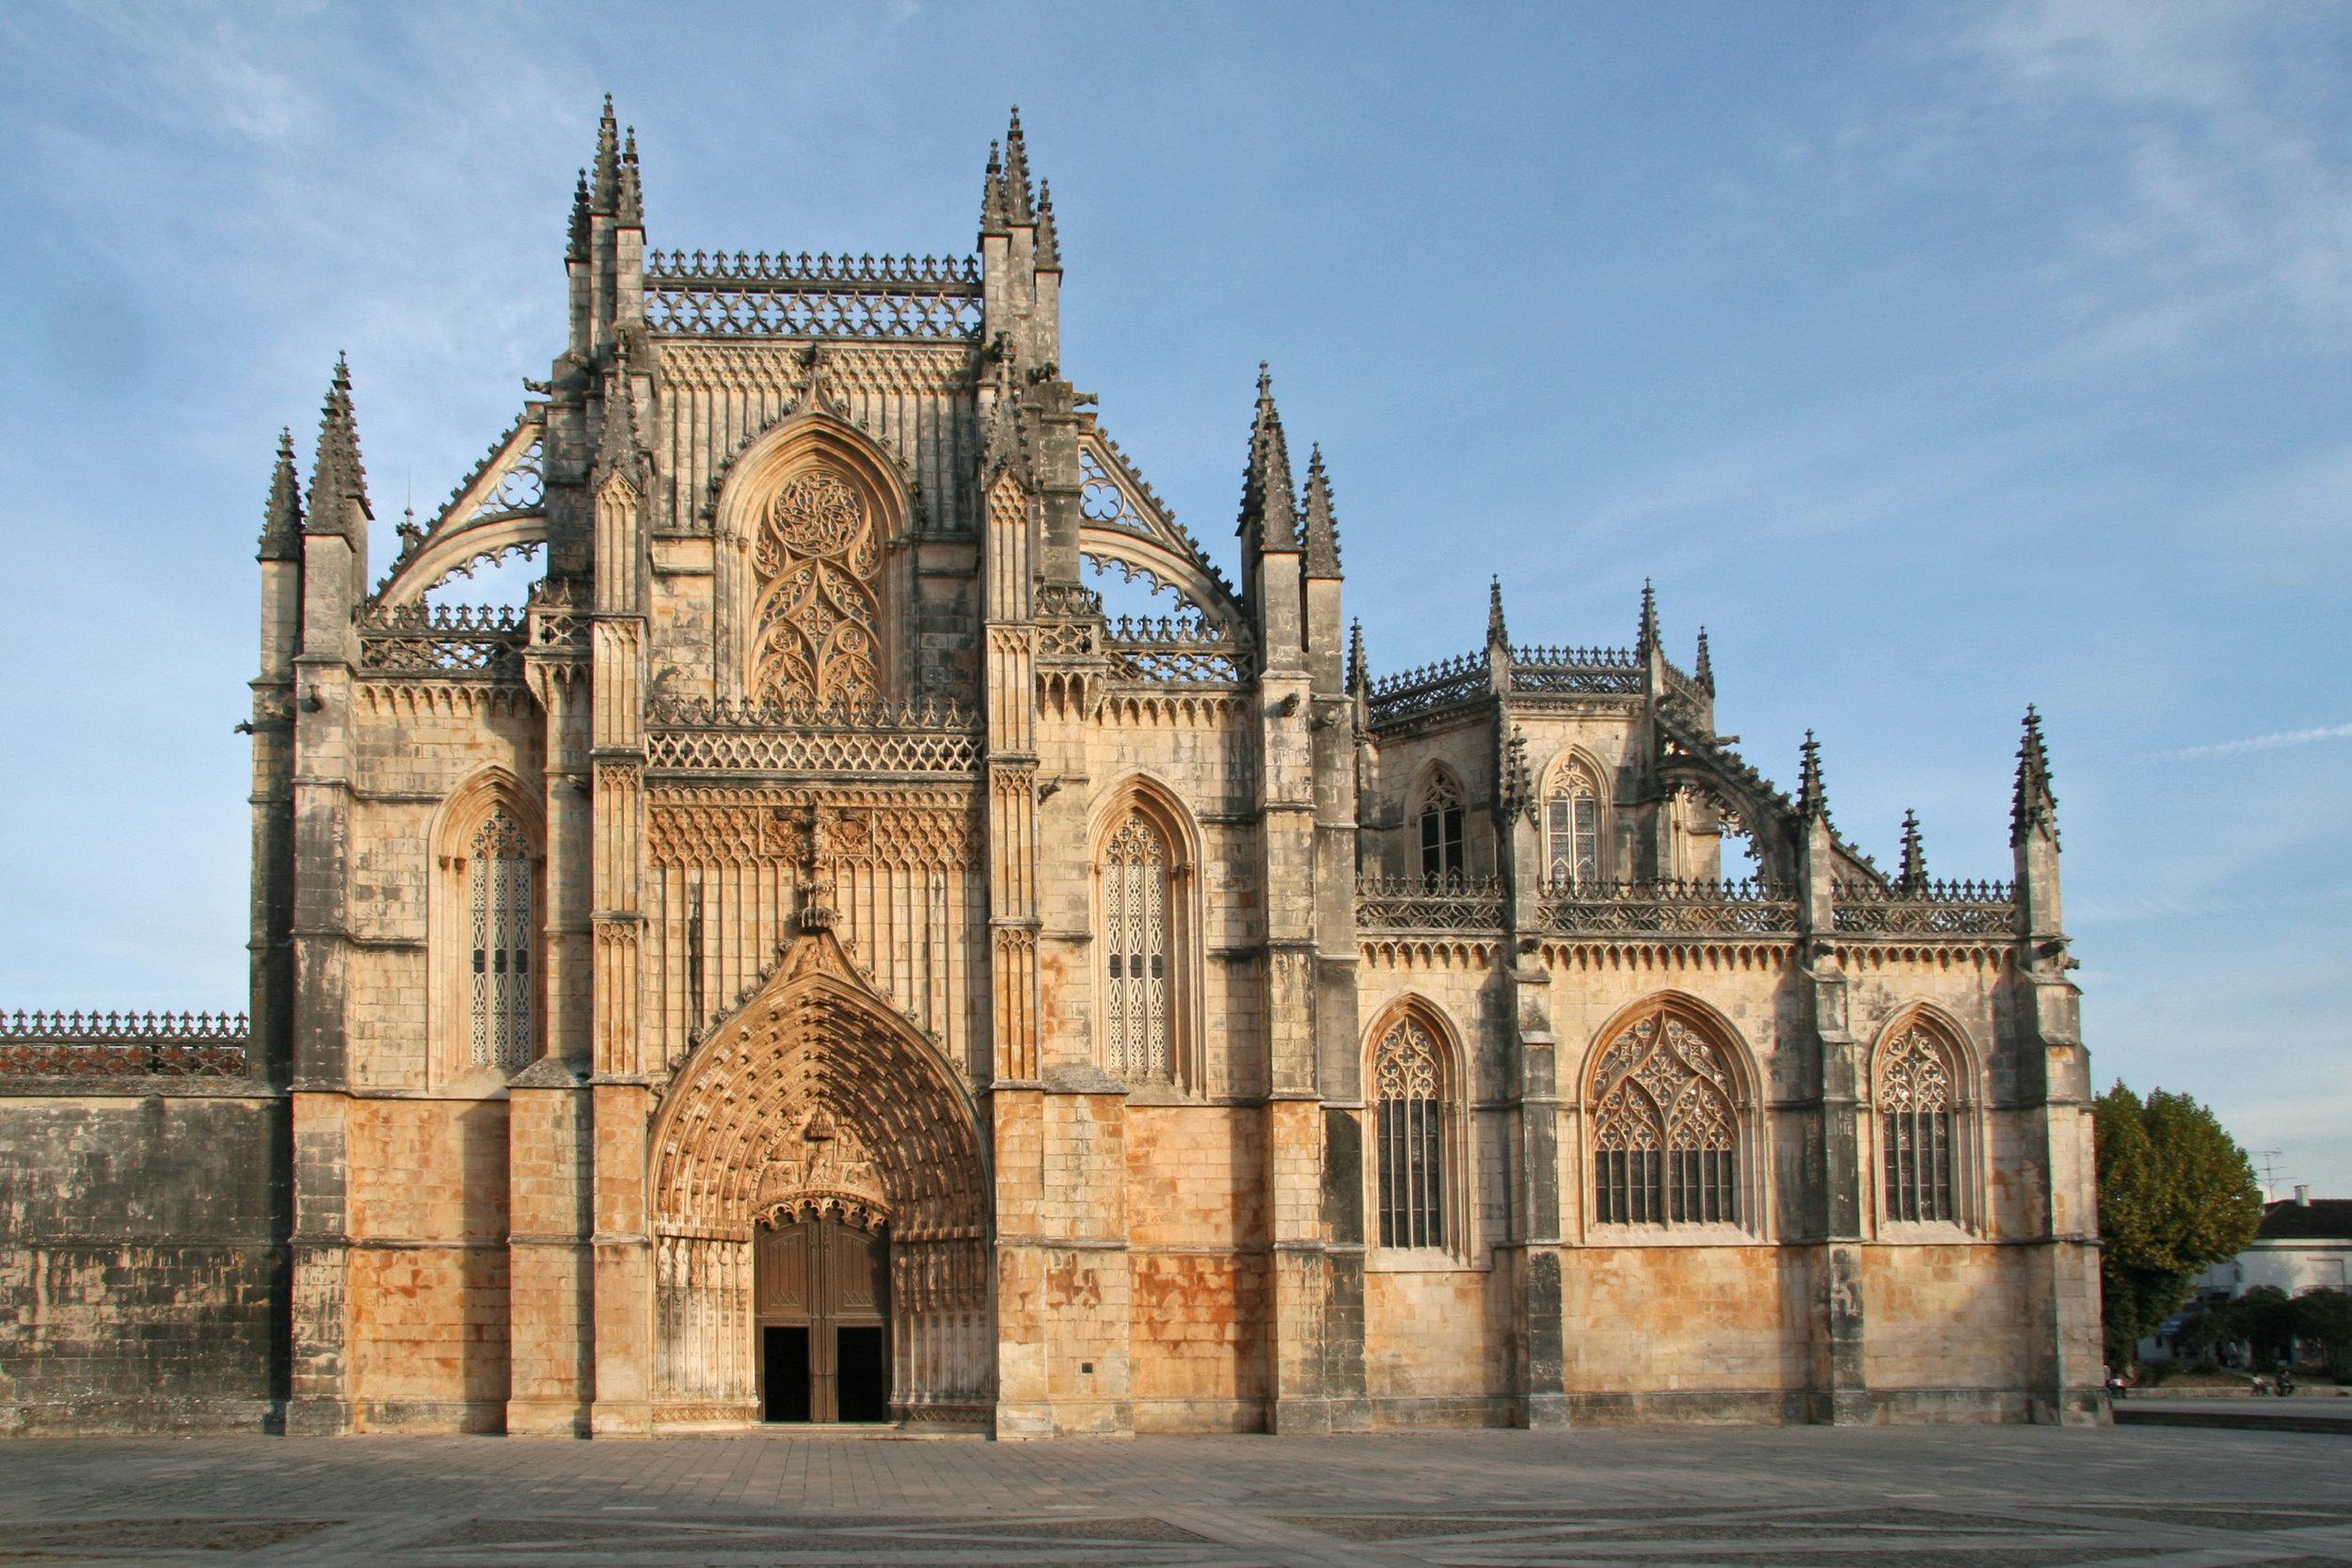 Mosteiro_da_Batalha_78a.jpg